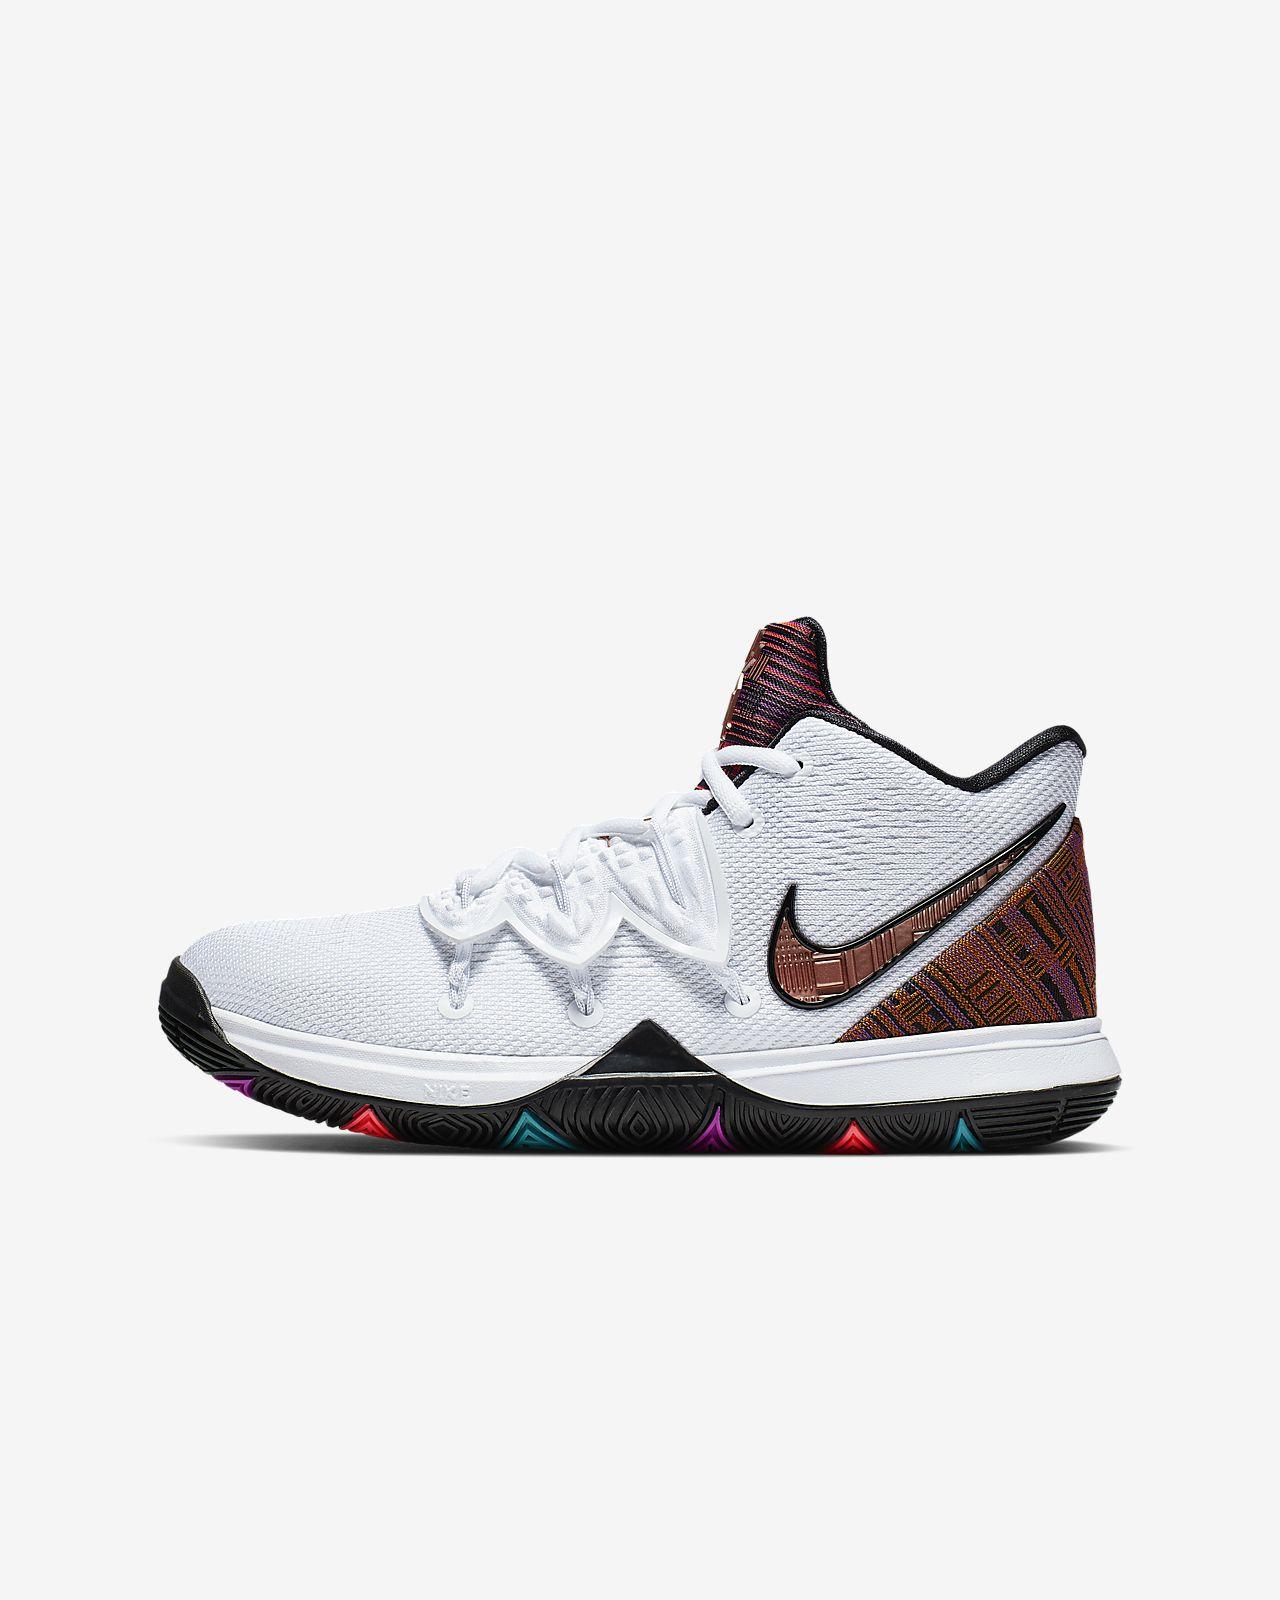 Kyrie 5 BHM Big Kids' Basketball Shoe